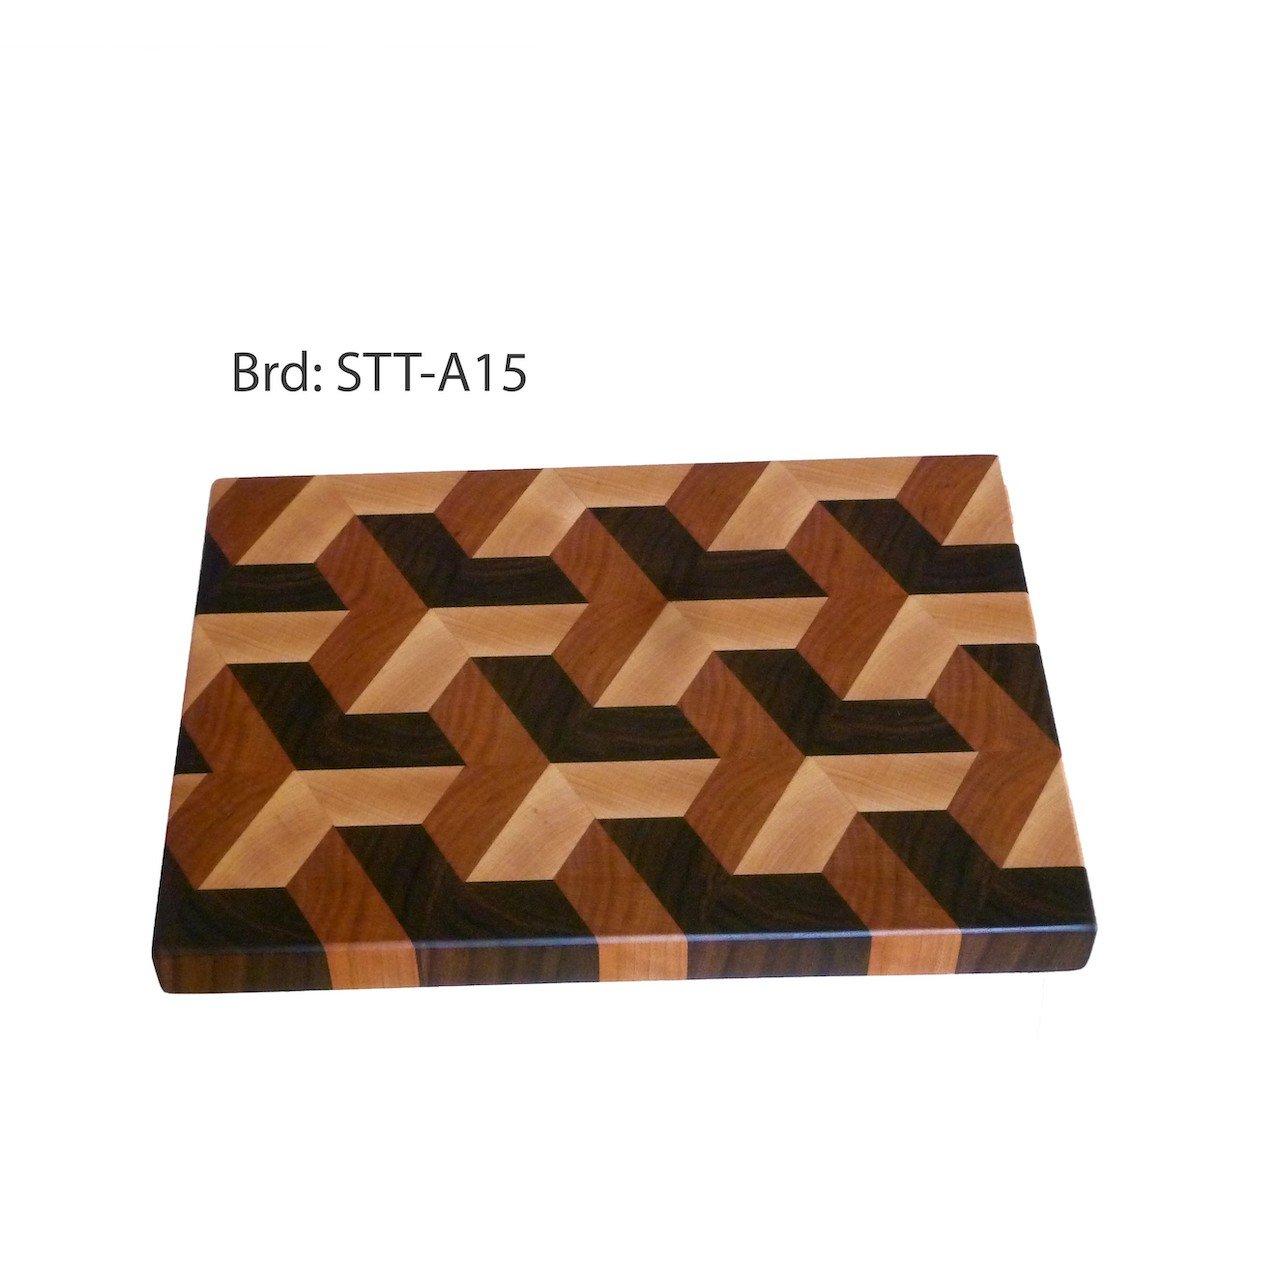 STTT-A15